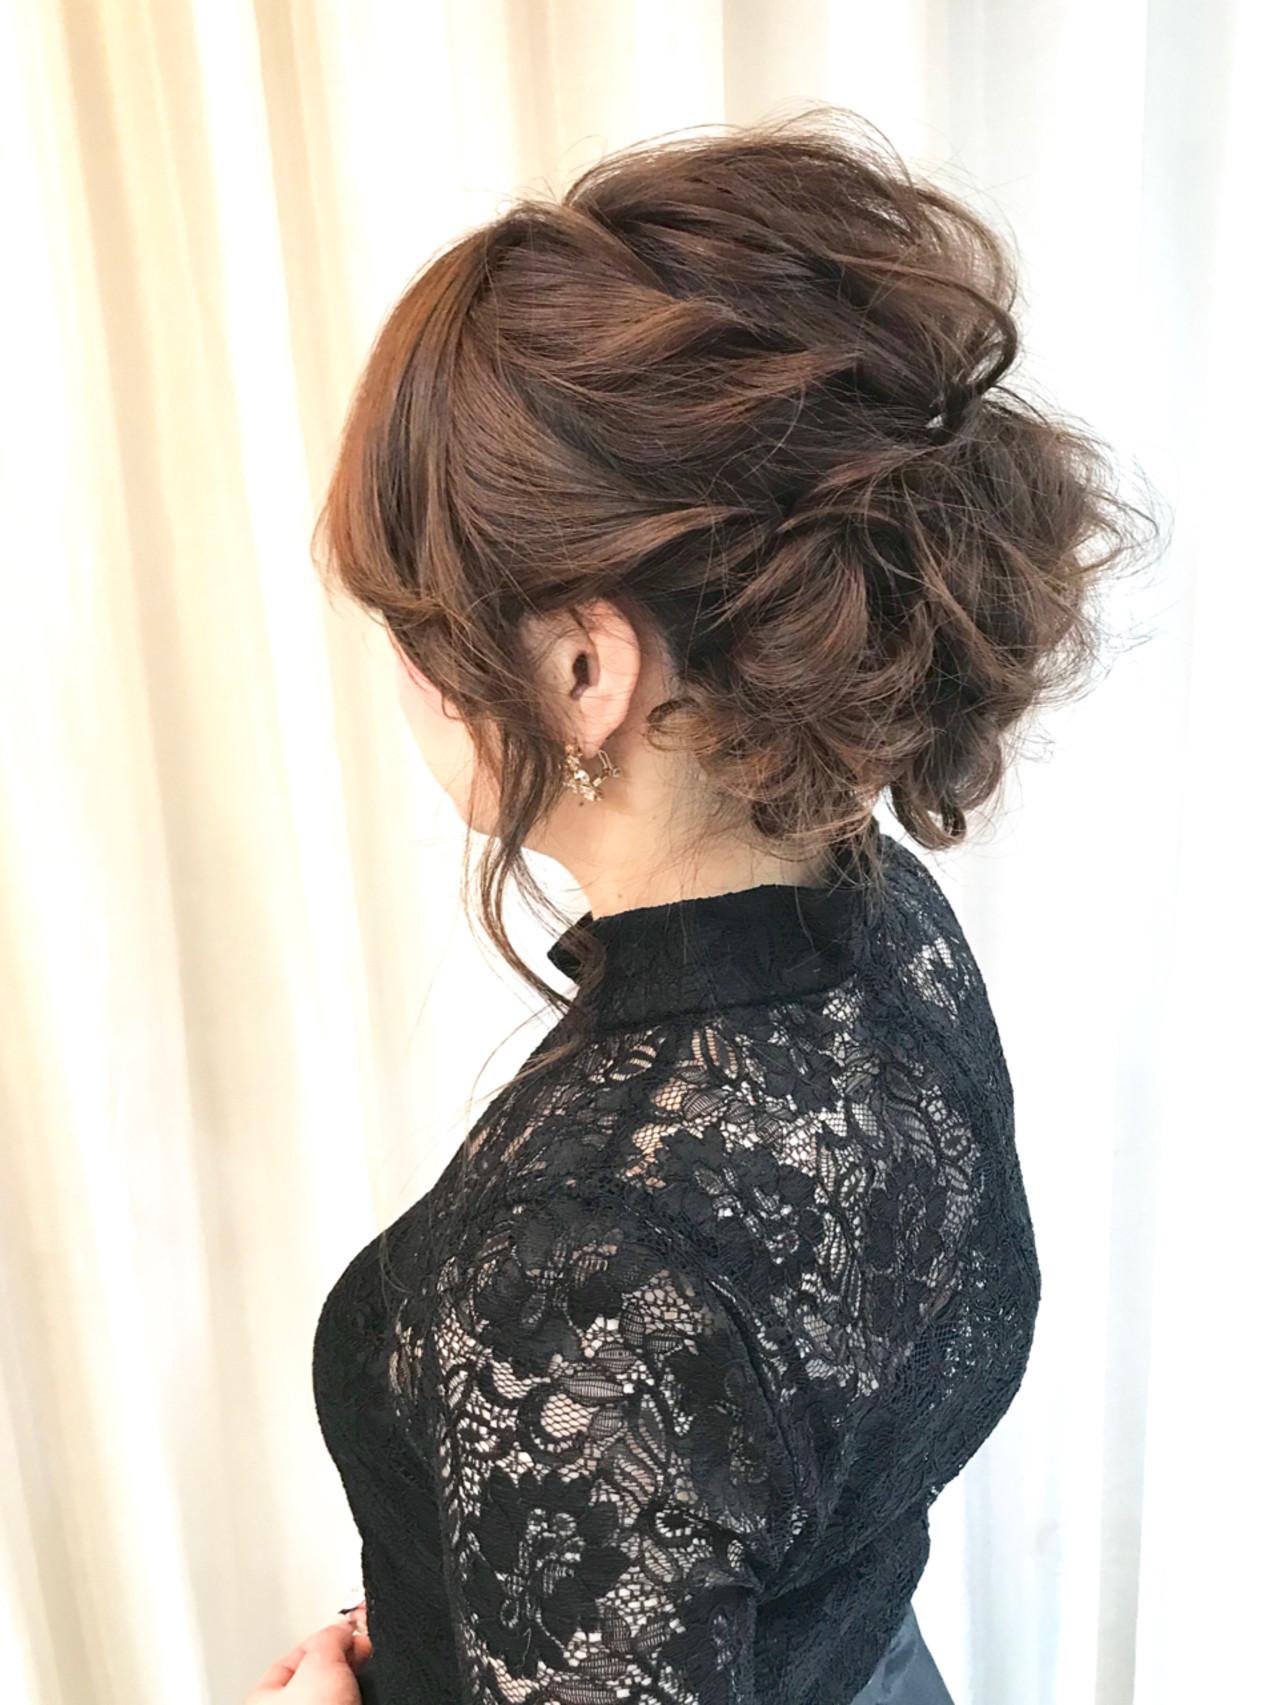 華やかさなら編み込みヘアセットで演出 内田 一也 | hair/nail space a:le